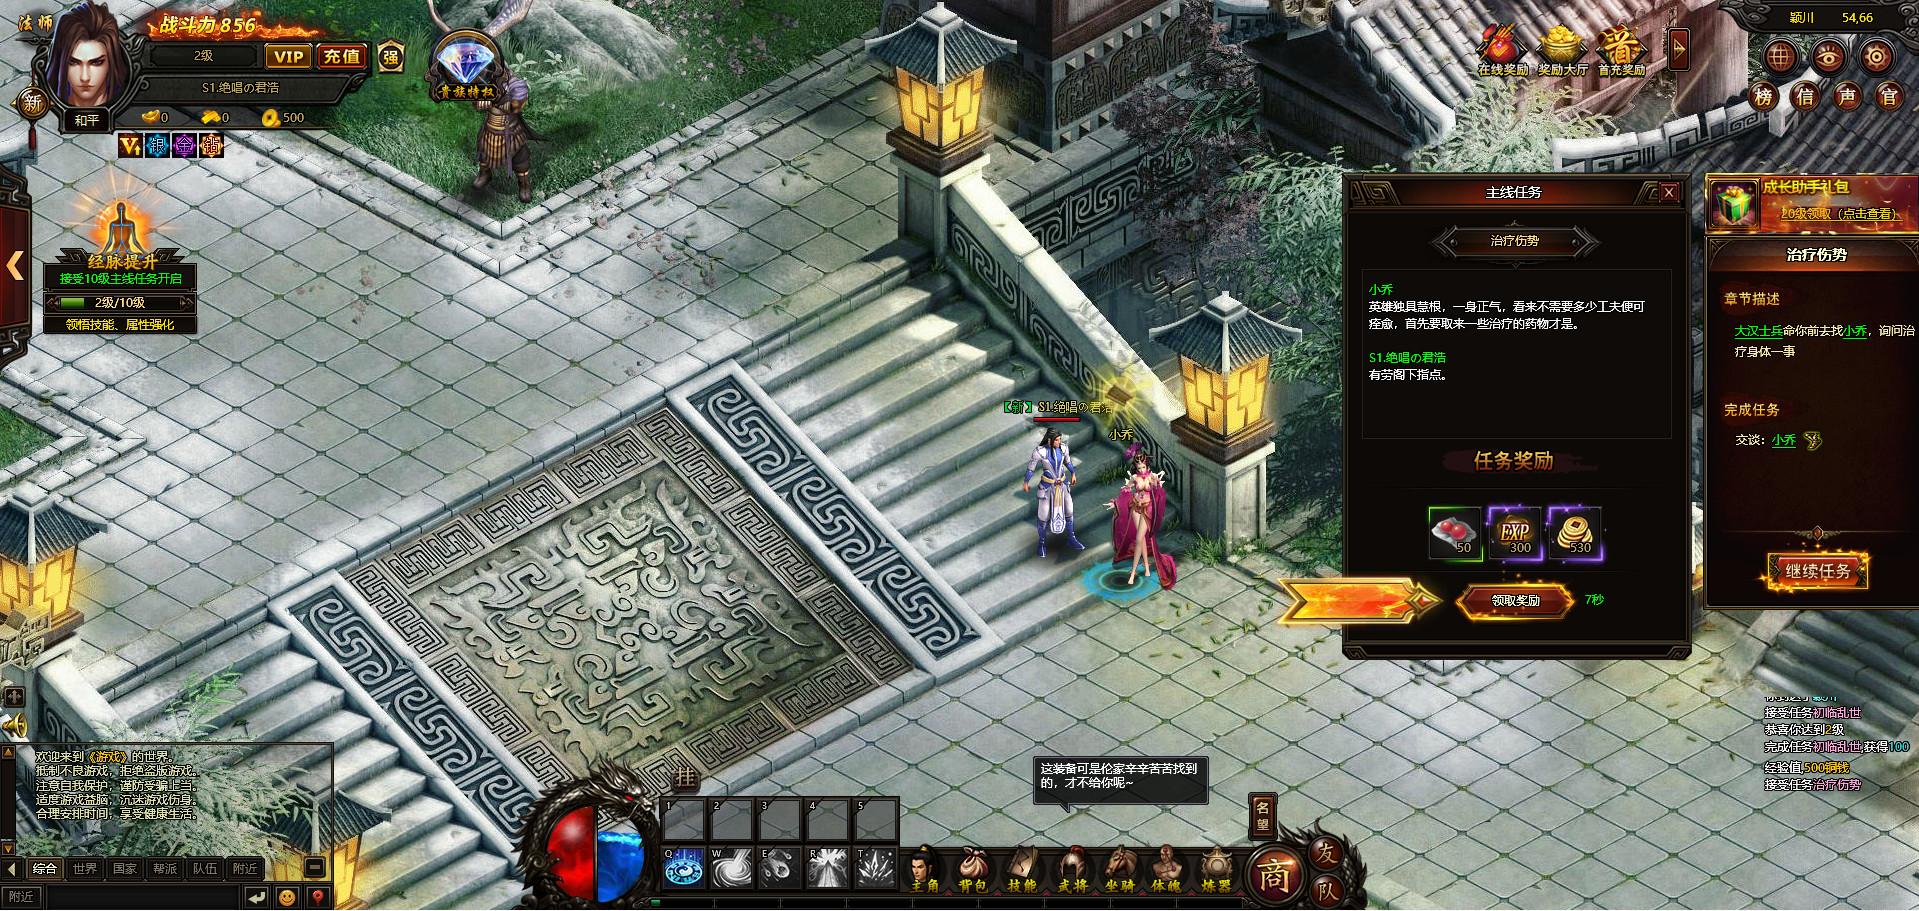 《乱世荣耀》游戏截图